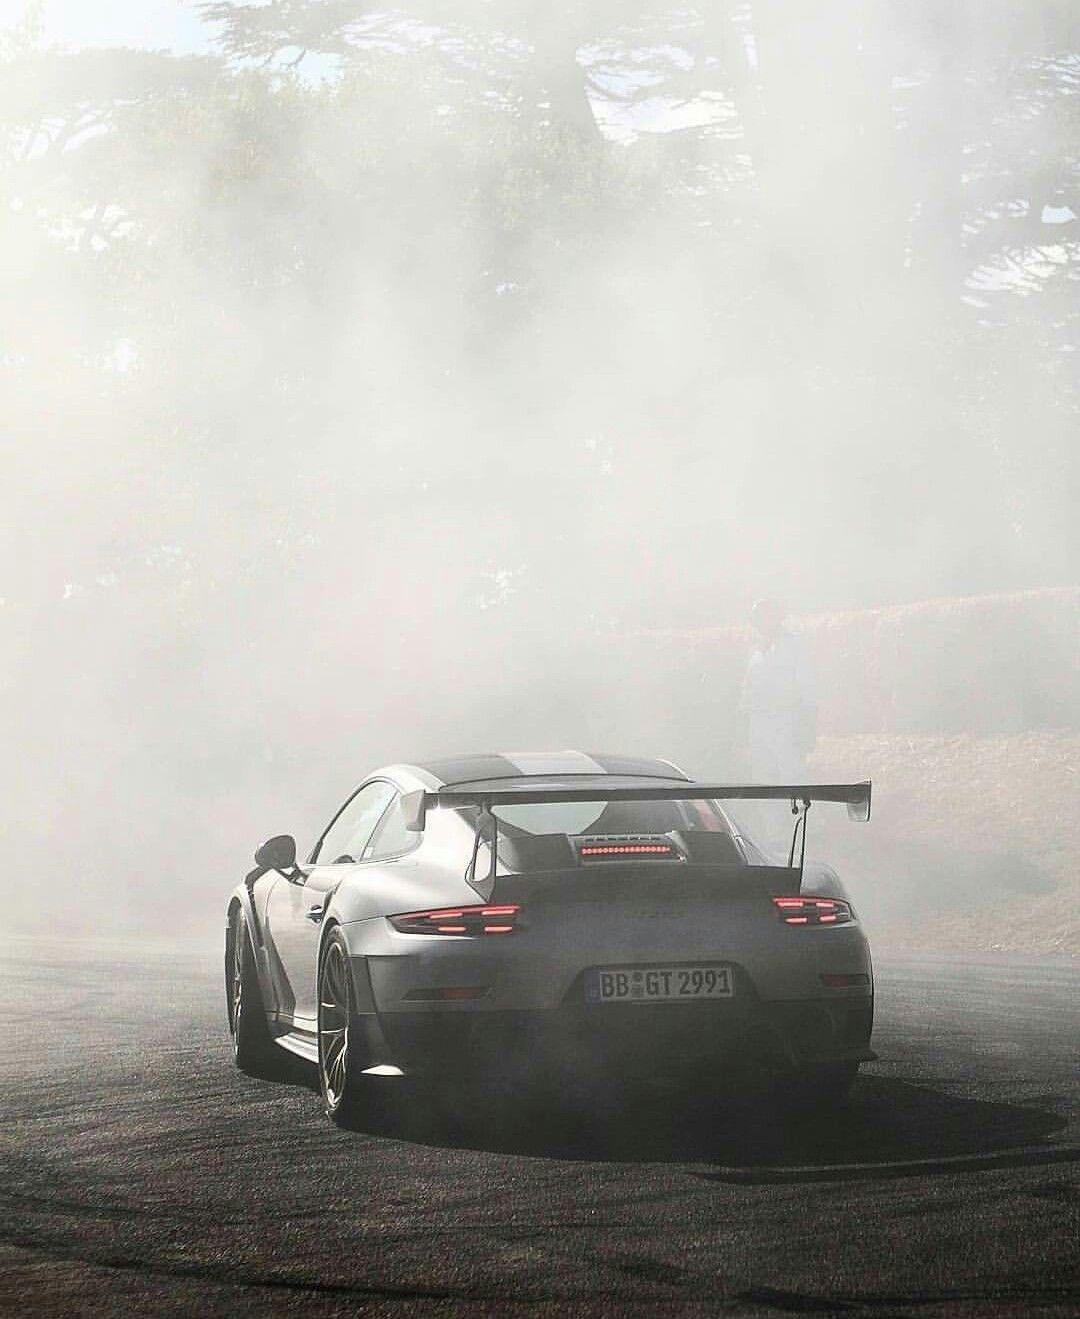 Porsche Gt2 Rs Auto